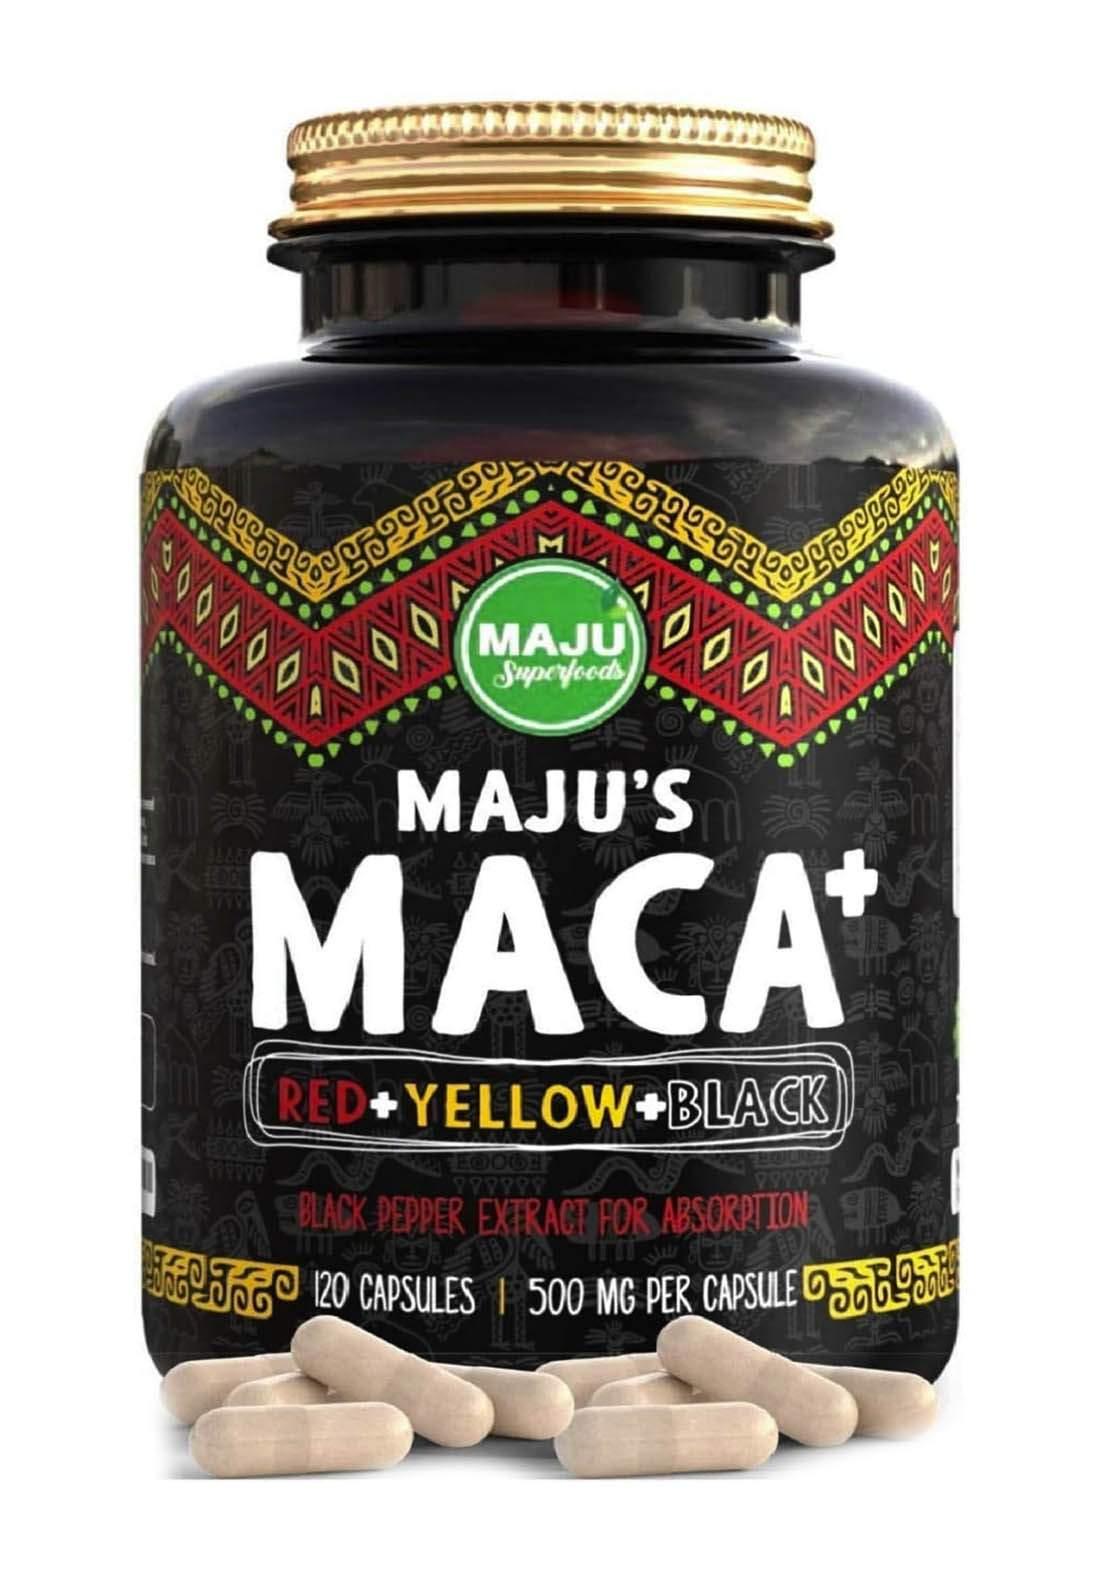 Majus Maca 120 Capsules 500 Mg فيتامين عشبة المكا 120 كبسولة